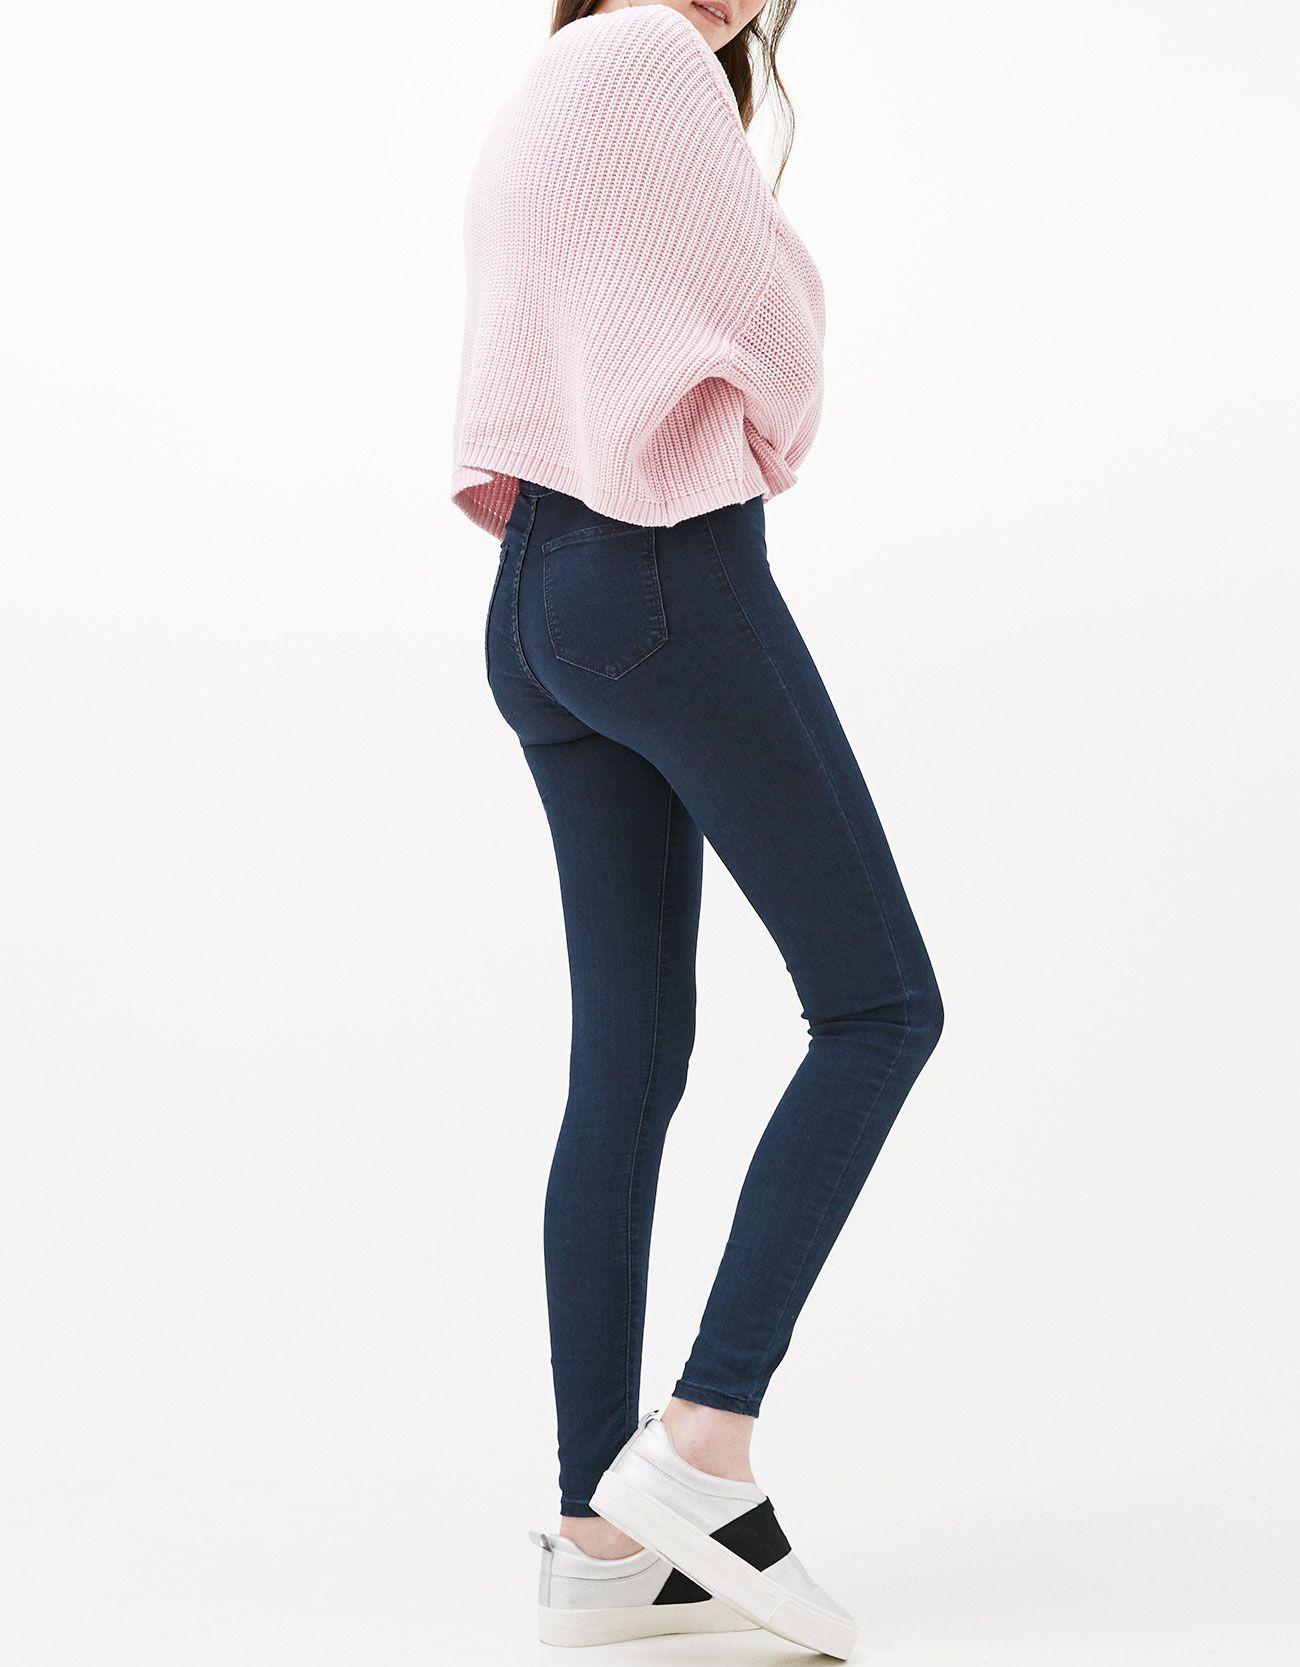 Denimowe Jegginsy Odkryj To I Wiele Innych Ubran W Bershka W Cotygodniowych Nowosciach Skinny Jeans Denim Jeans Fashion